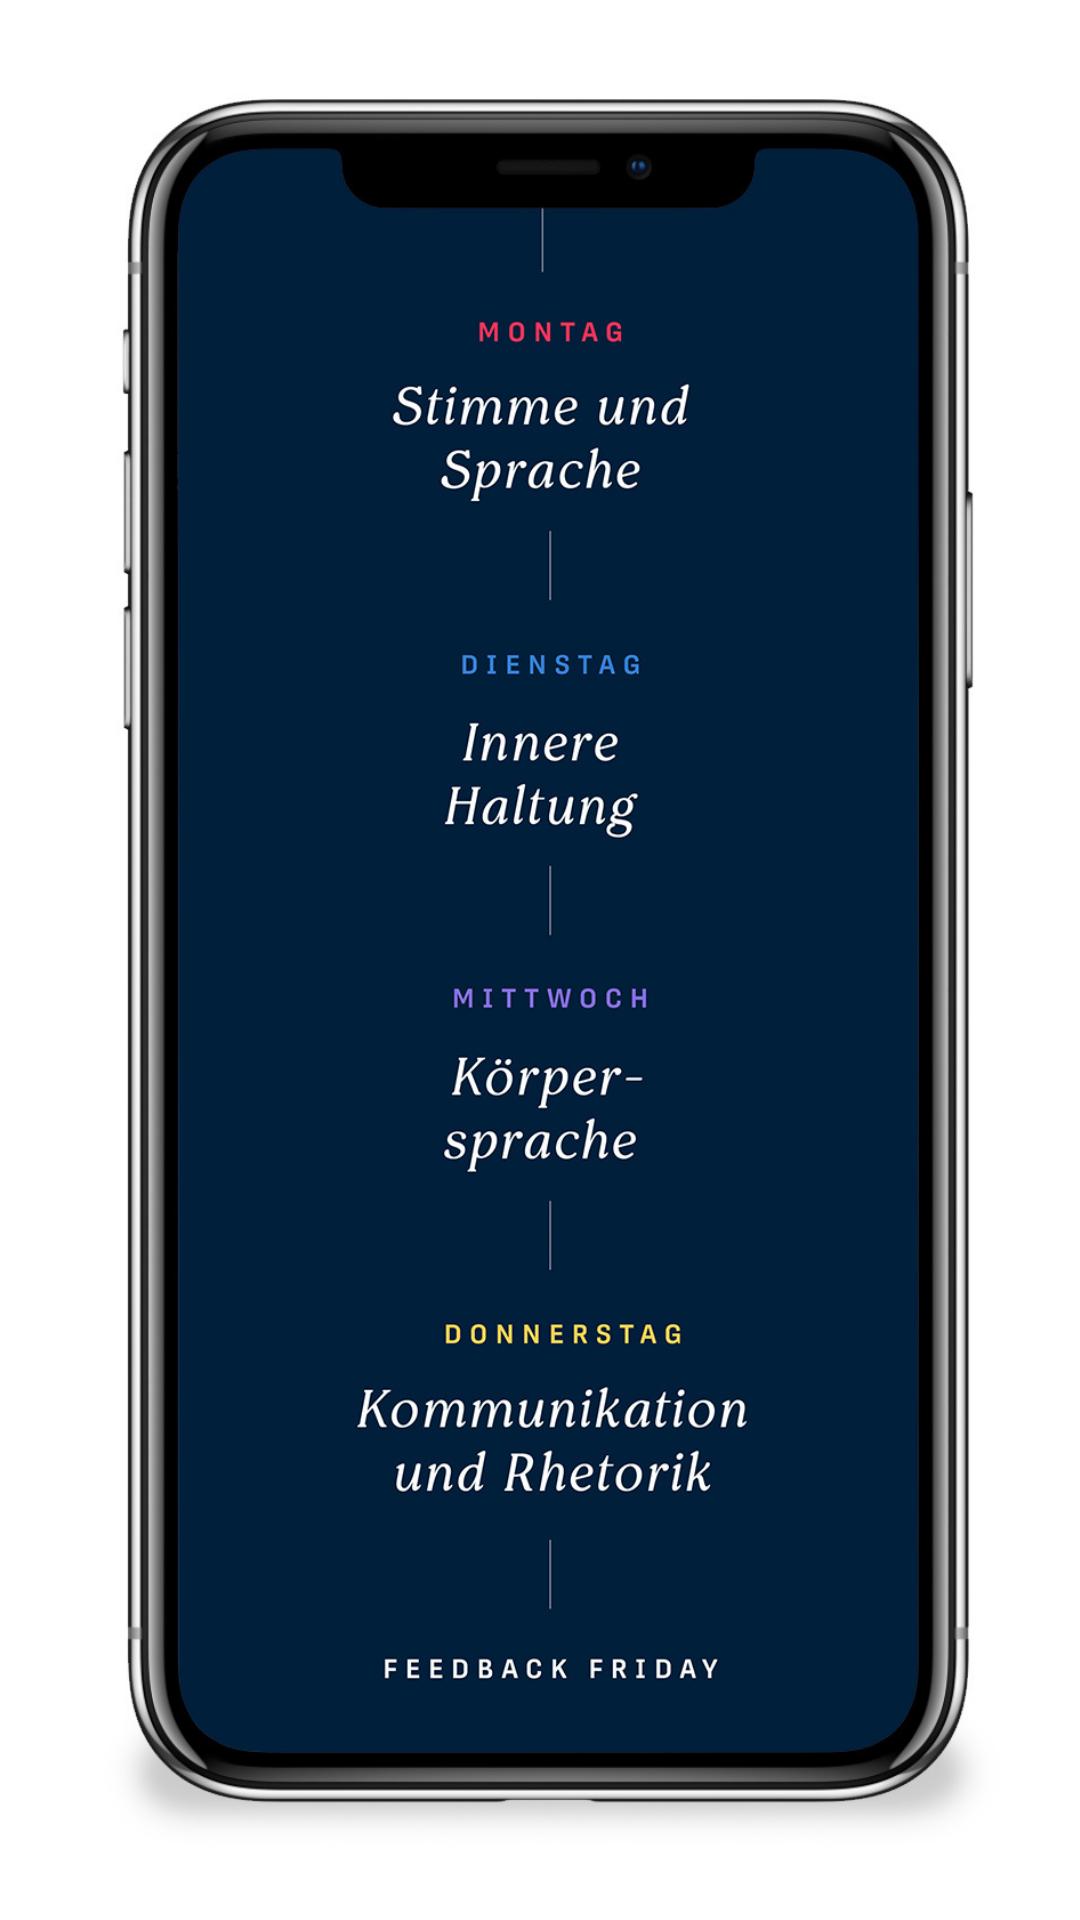 Ada App Kategorien